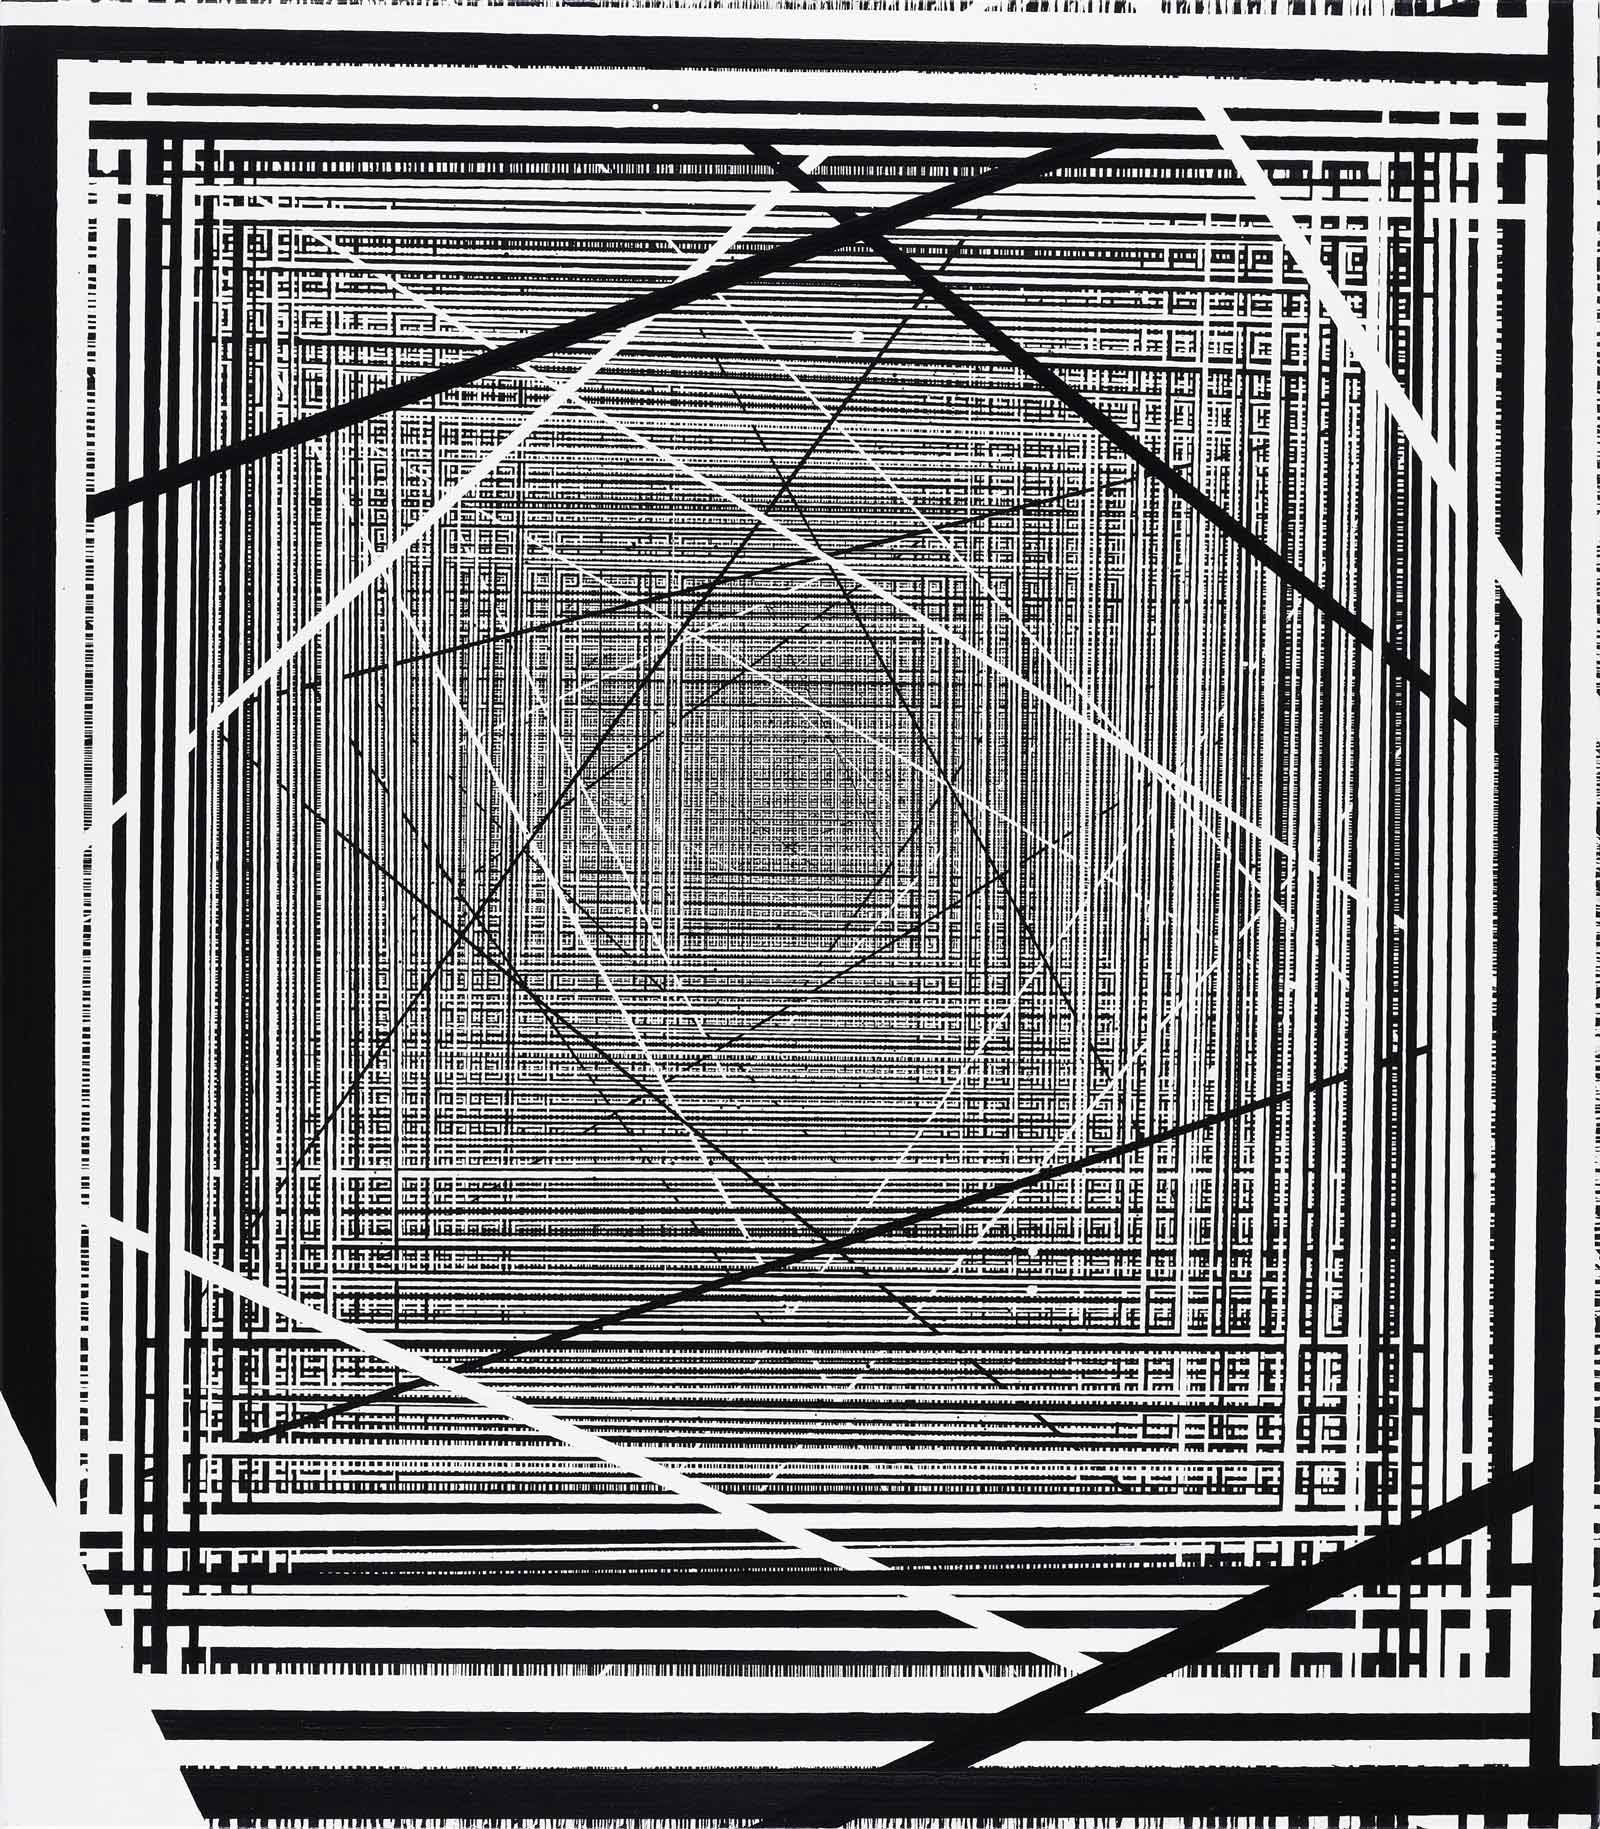 Linienbild Acryl auf Leinen